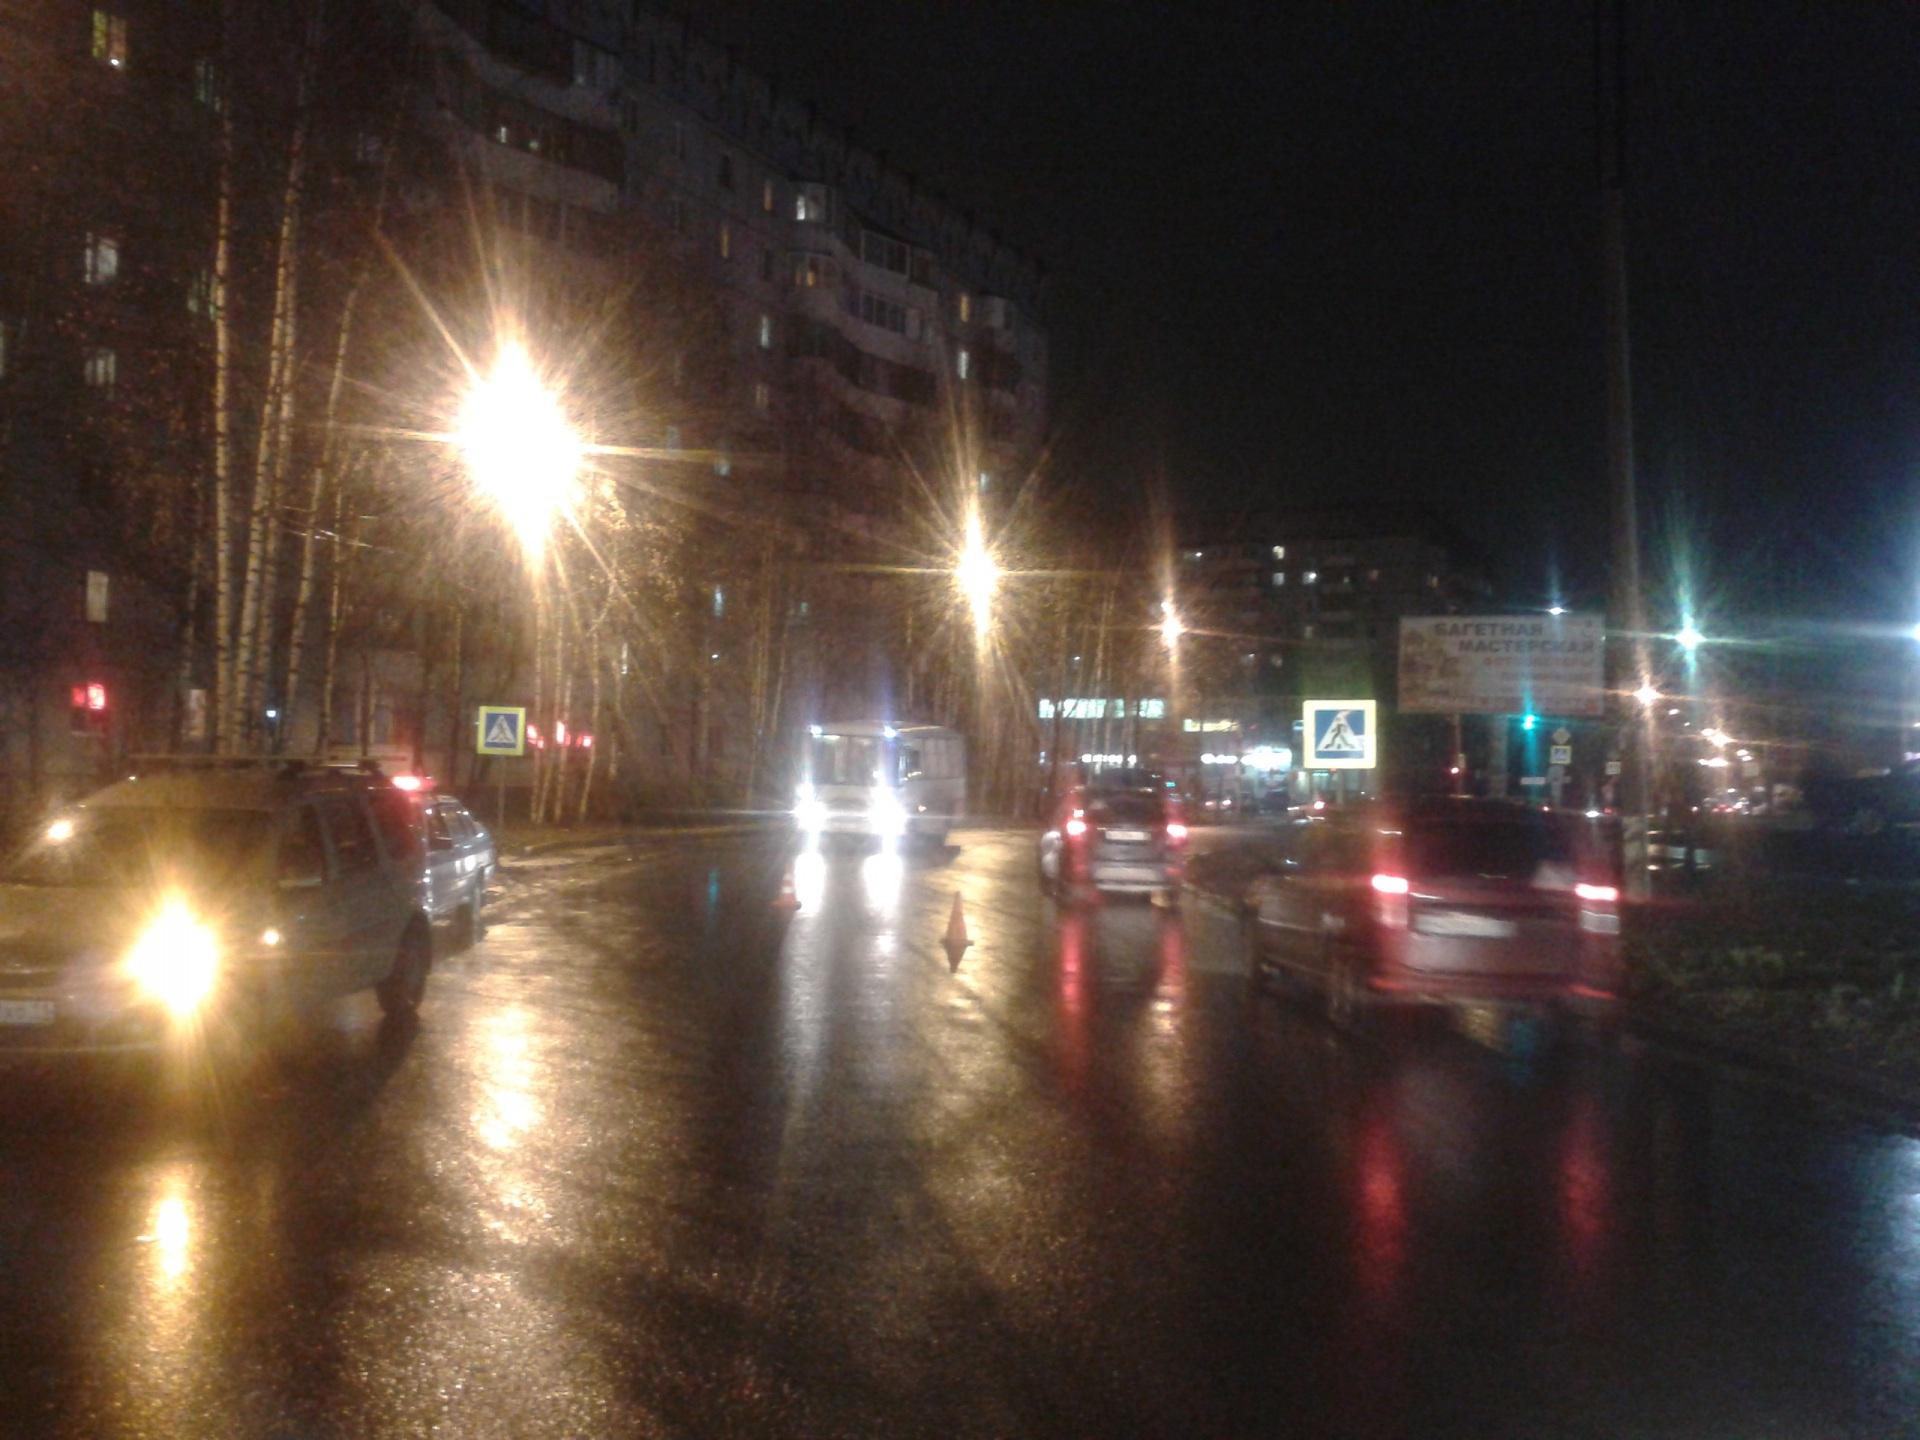 mesto-dtp-so-storony-ul.-malyscheva-1.jpg